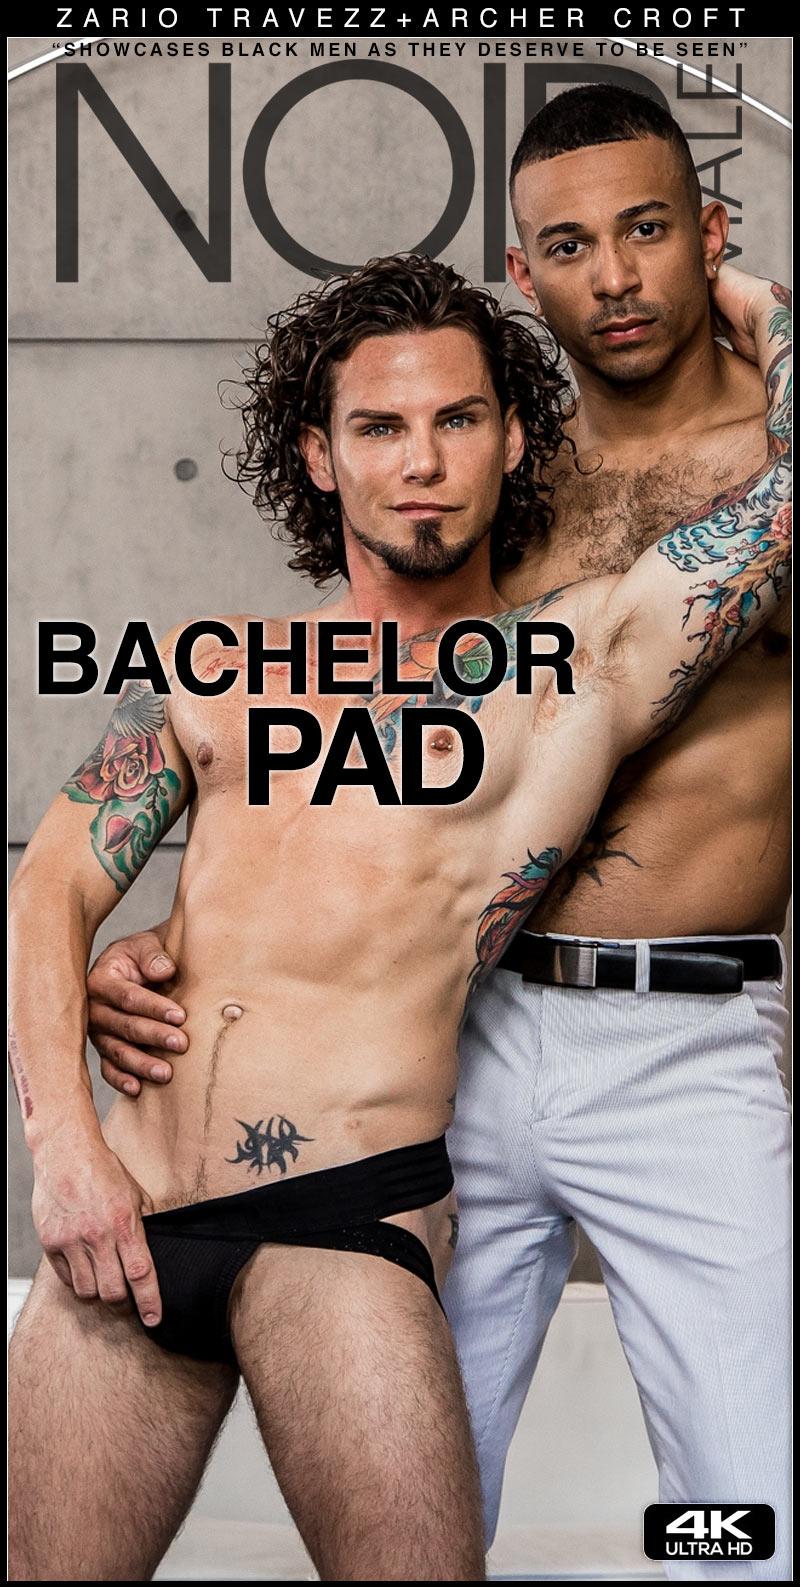 Bachelor Pad (Zario Travezz Fucks Archer Croft) at Noir Male